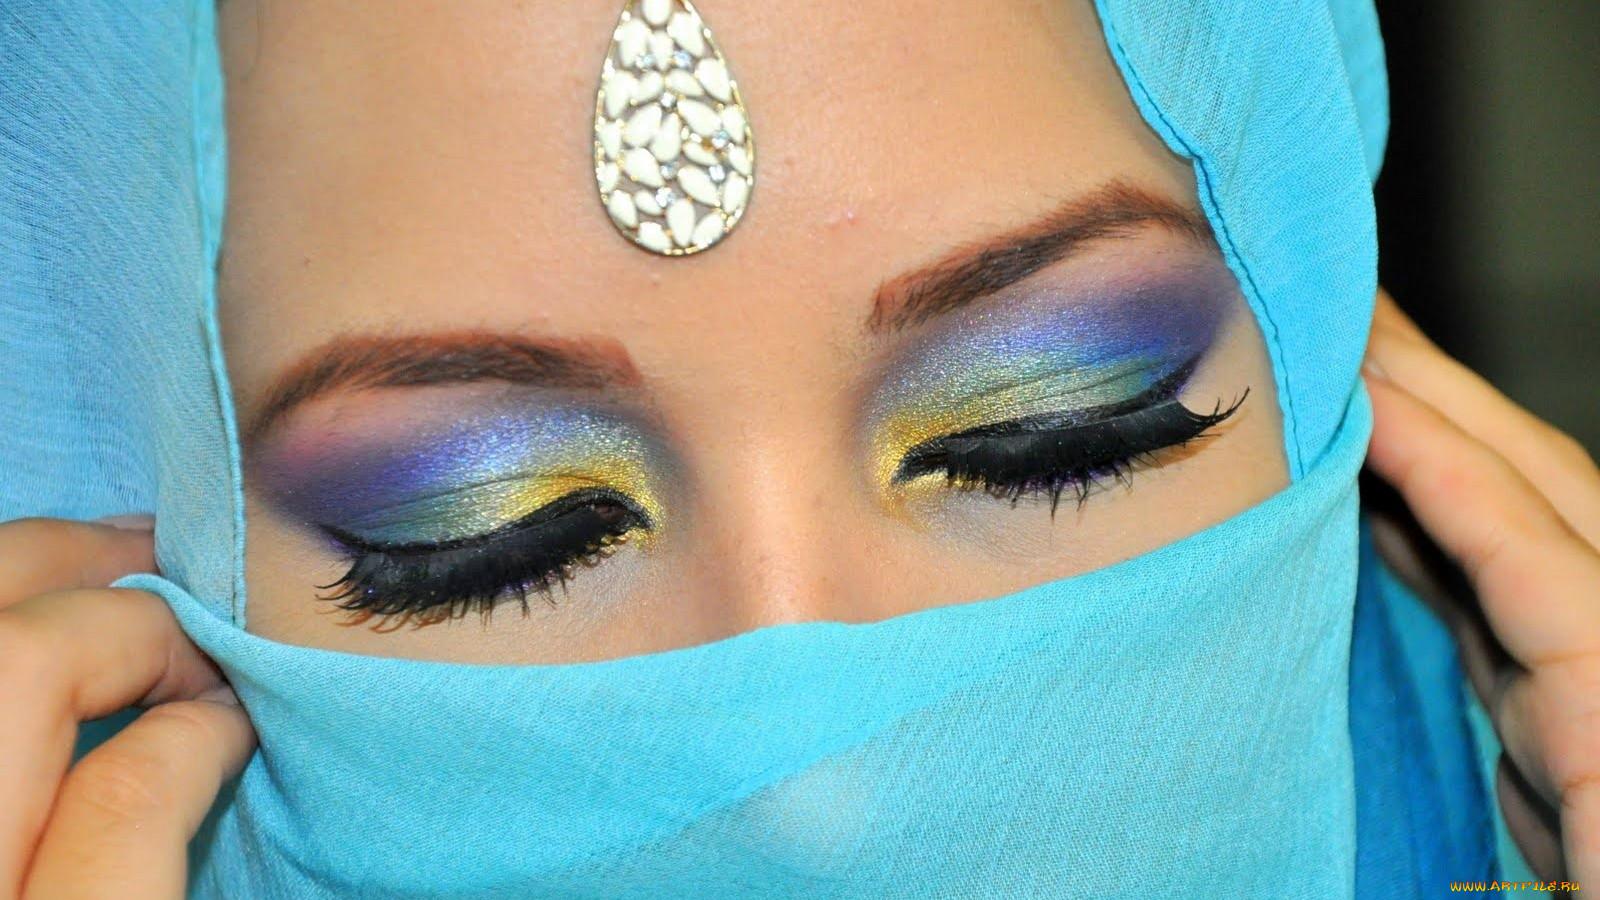 Макияж у мусульманских женщин